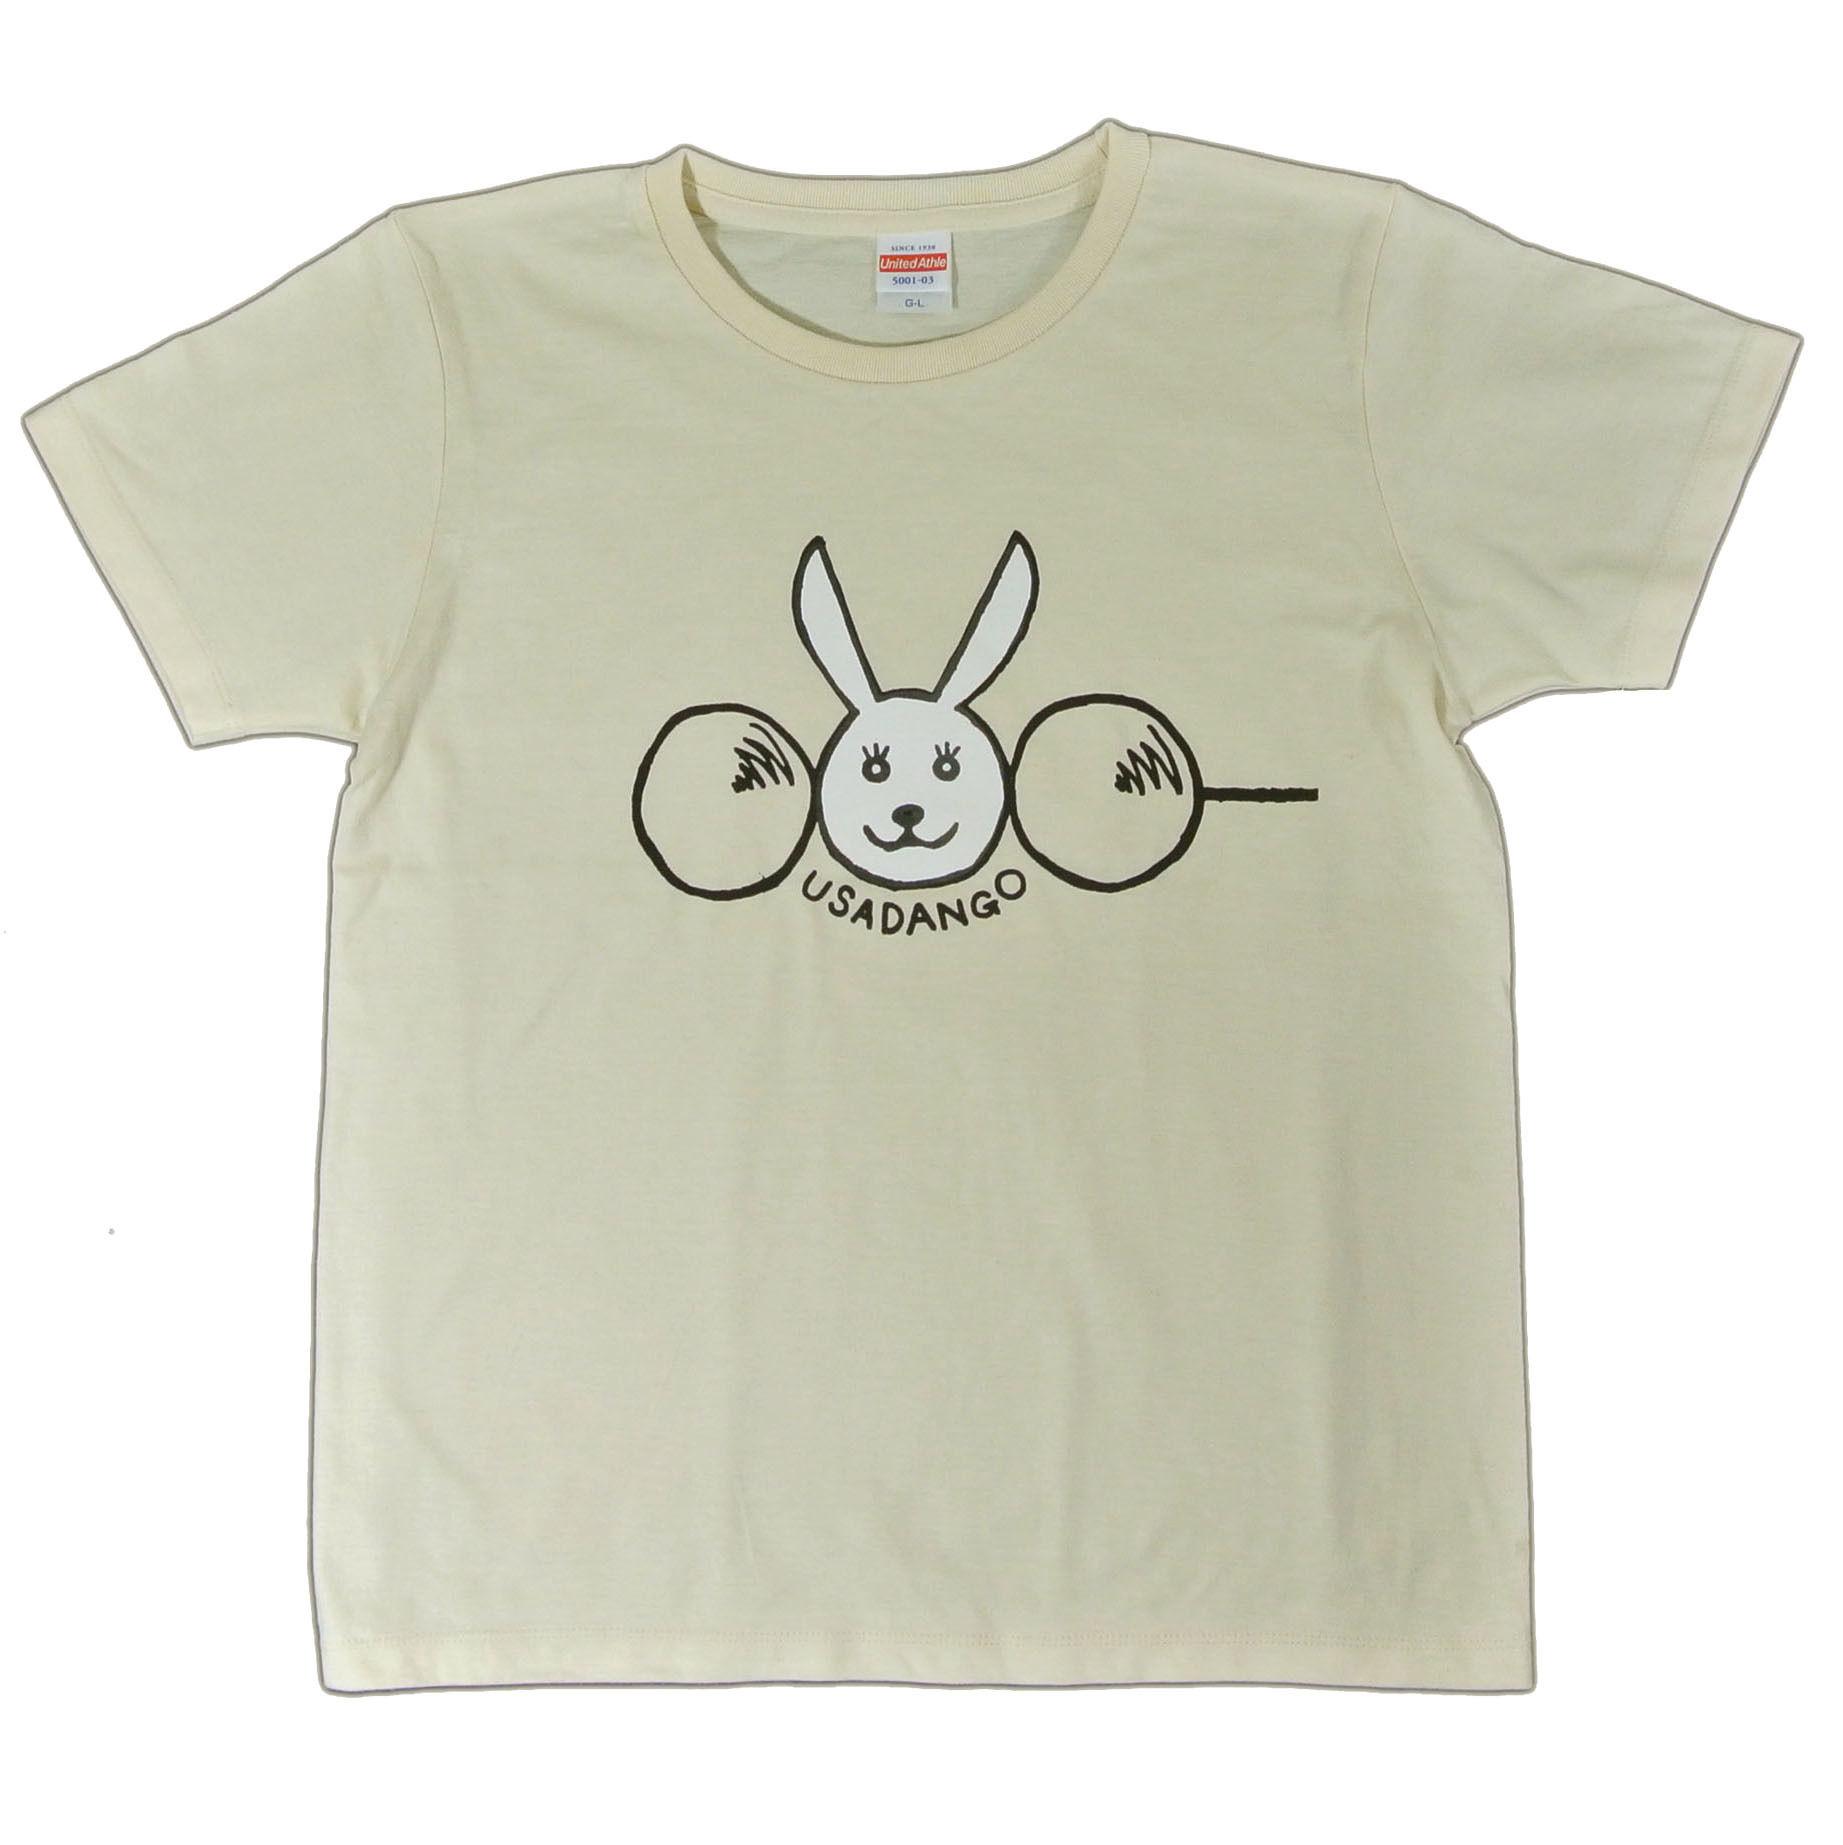 新うさだんごTシャツ レディース